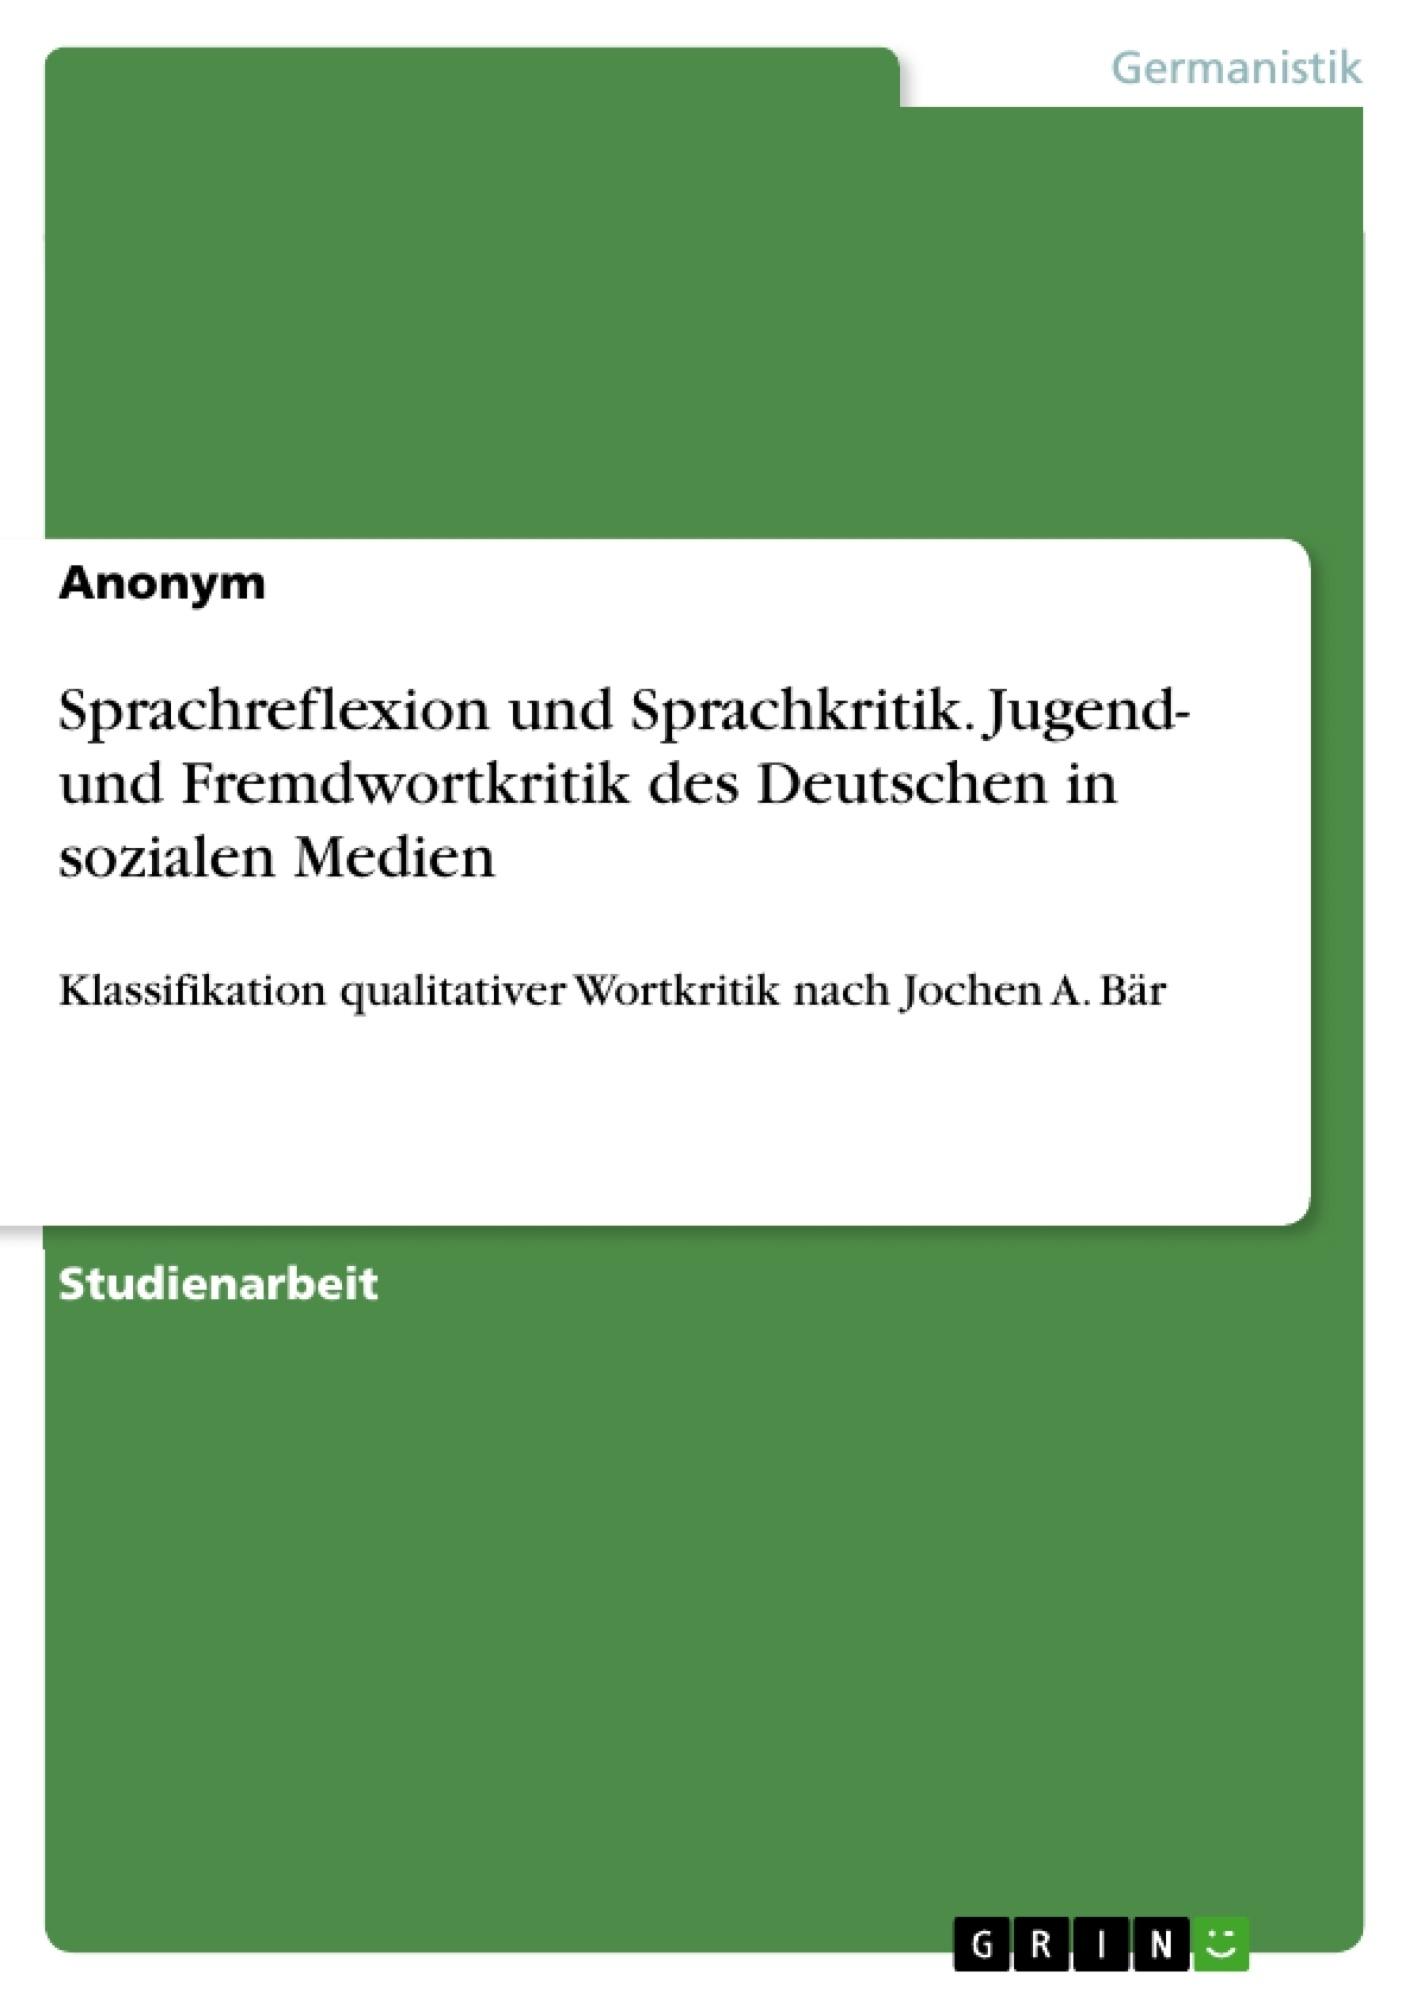 Titel: Sprachreflexion und Sprachkritik. Jugend- und Fremdwortkritik des Deutschen in sozialen Medien